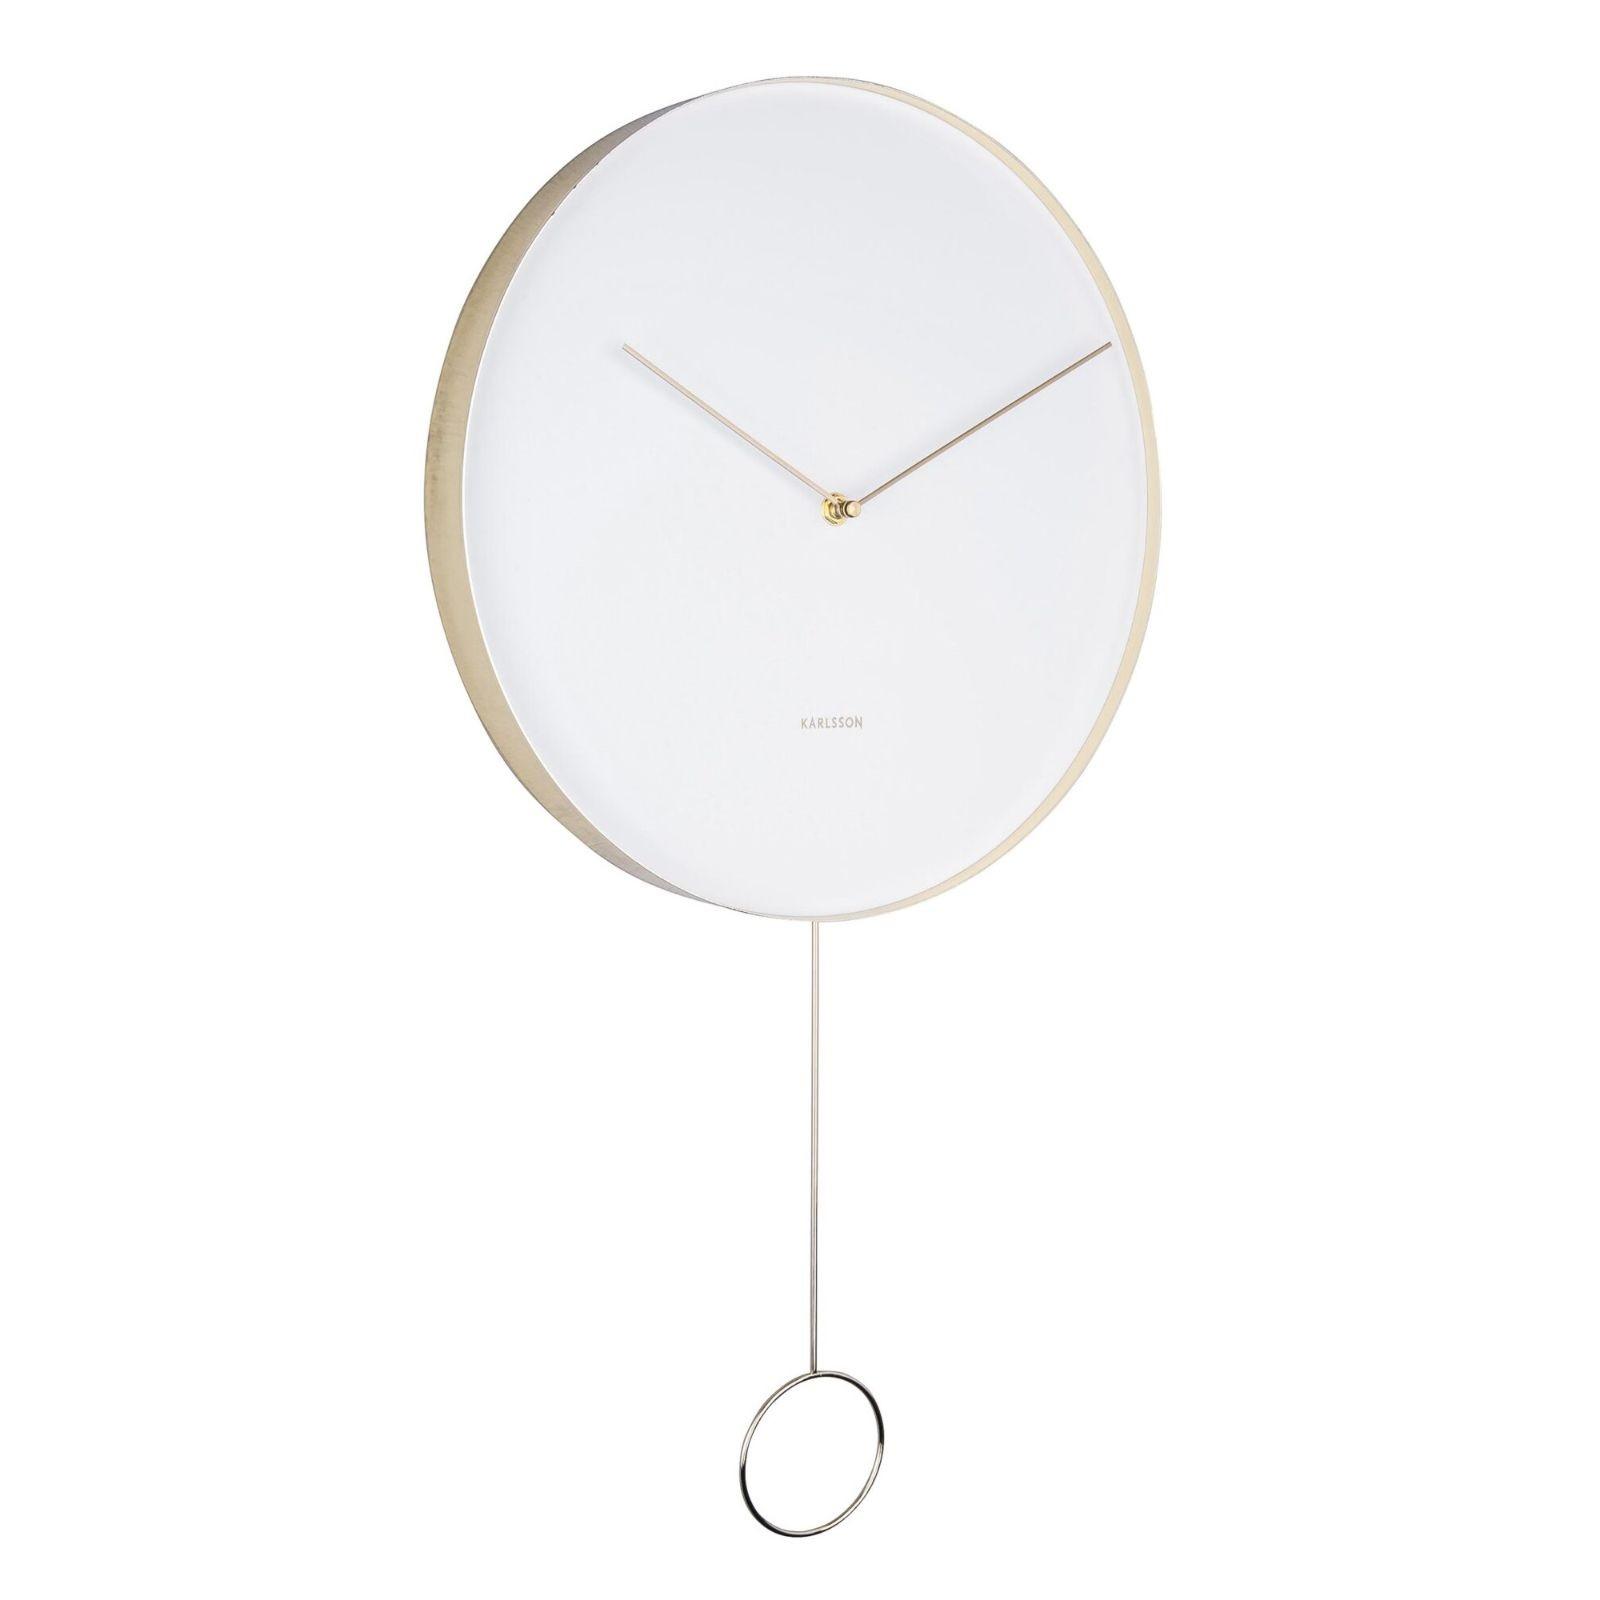 Ρολόι Τοίχου με Εκκρεμές Pendulum (Λευκό) - Karlsson